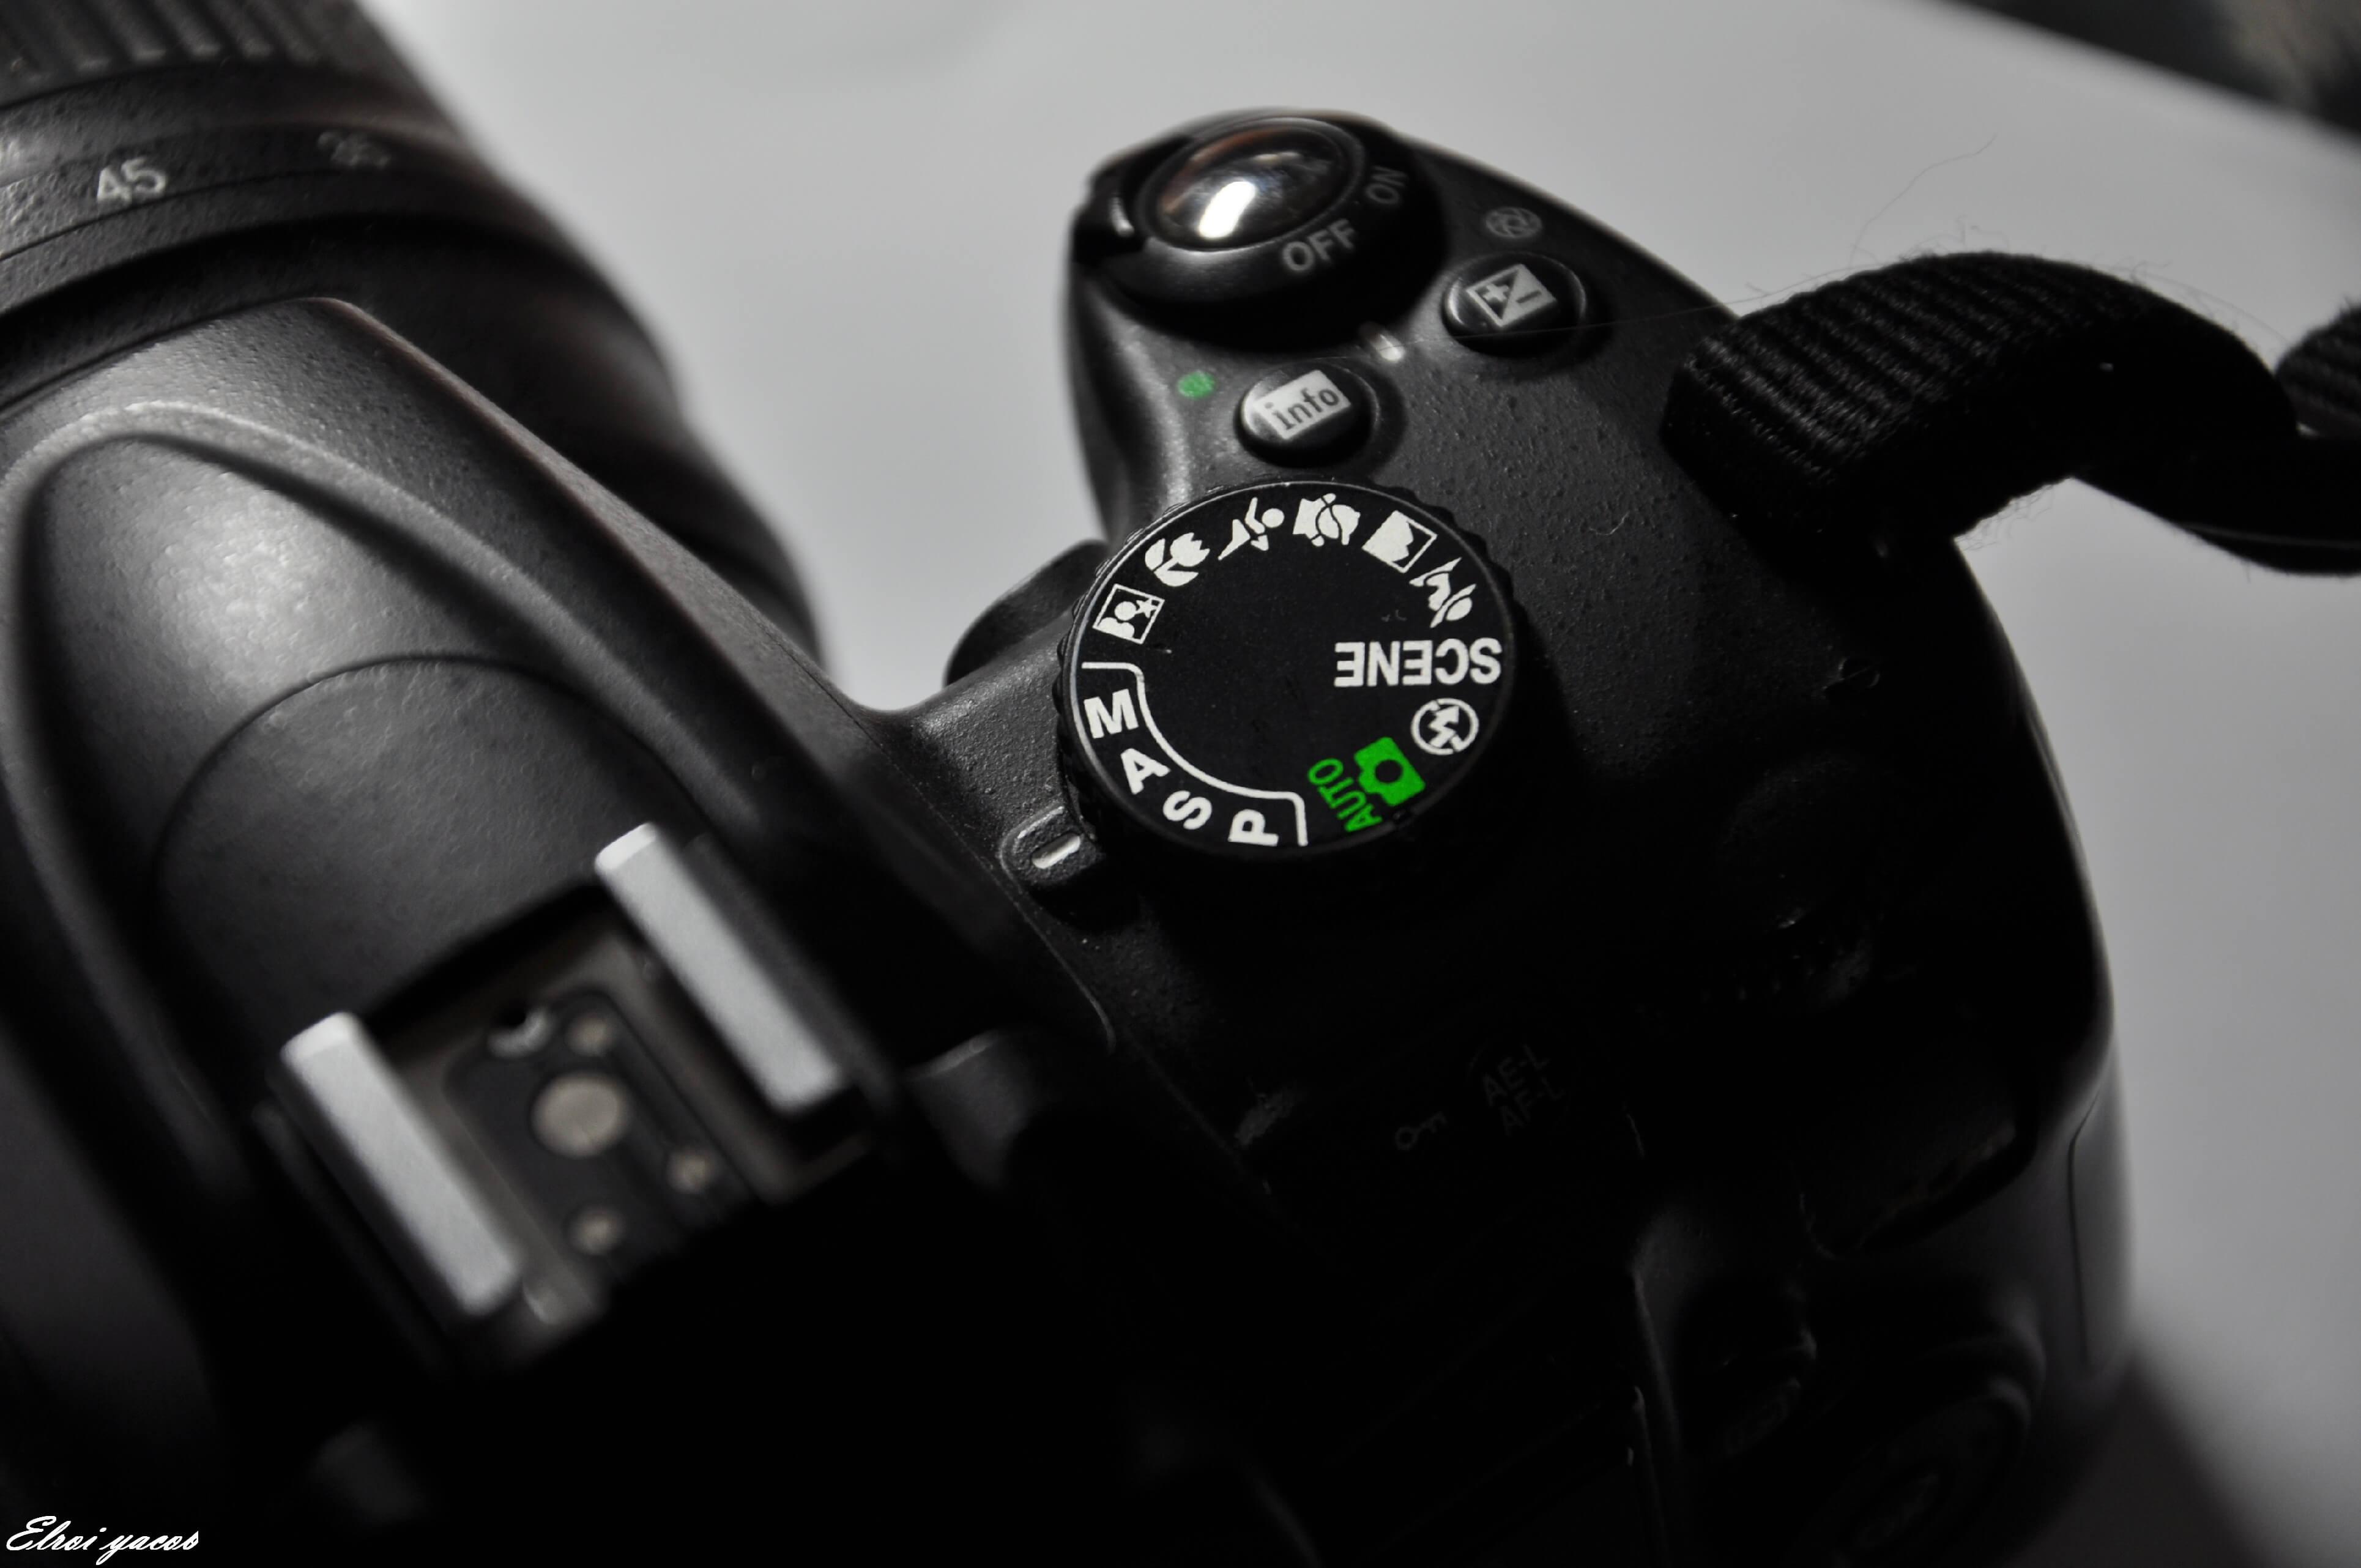 מצב צילום A במצלמה .